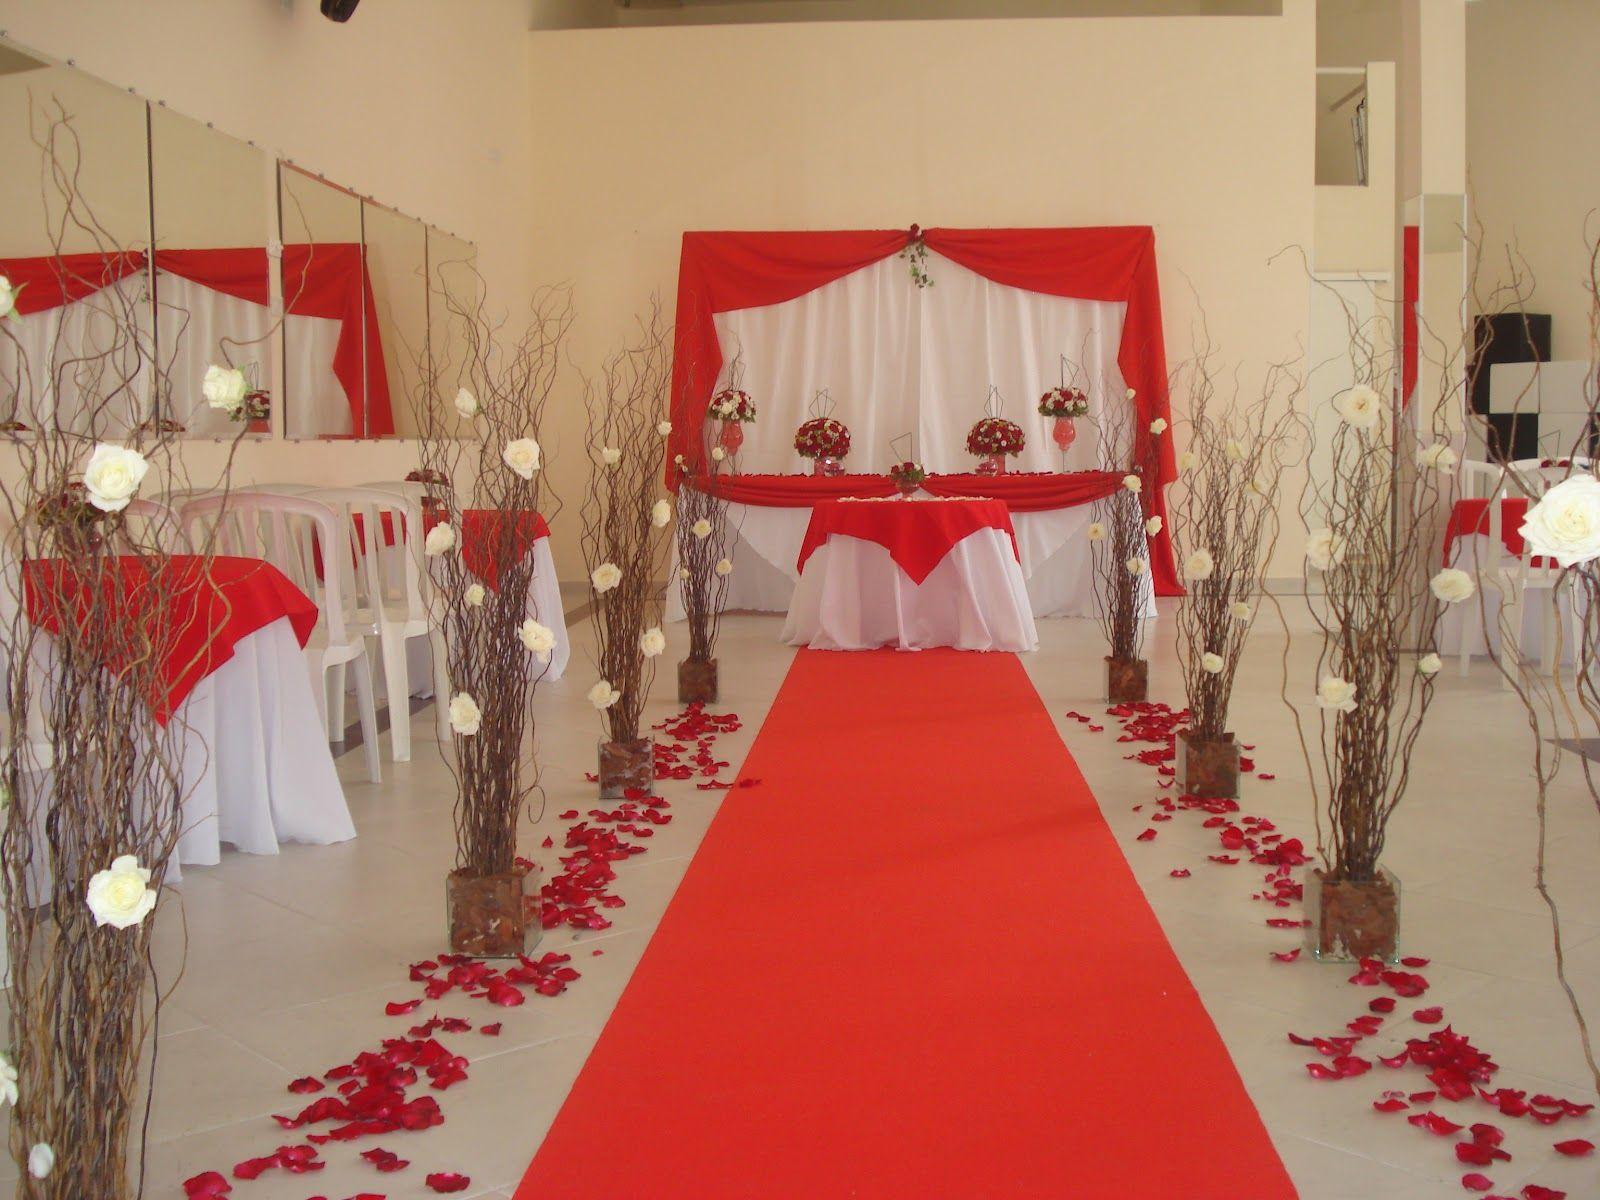 Resultado de imagem para decoraç u00e3o de casamento simples e barato branco e vermelho casamento  -> Decoração De Casamento Simples Com Tnt Vermelho E Branco